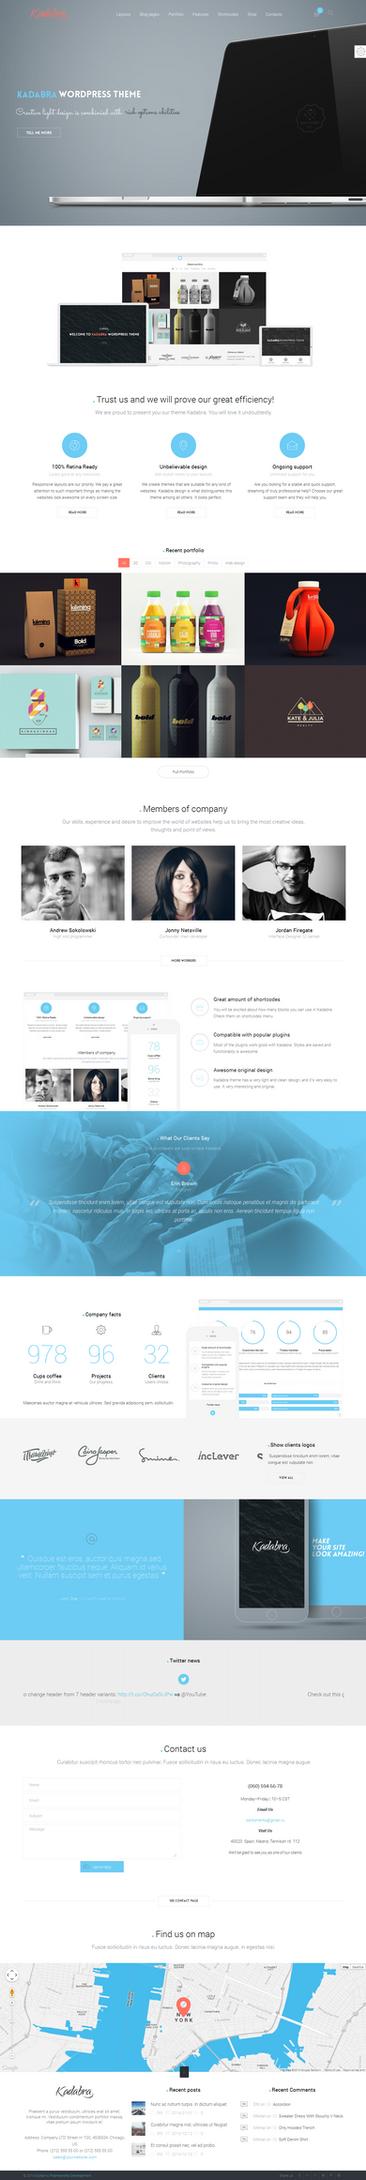 Kadabra Web Template by webdesigngeek